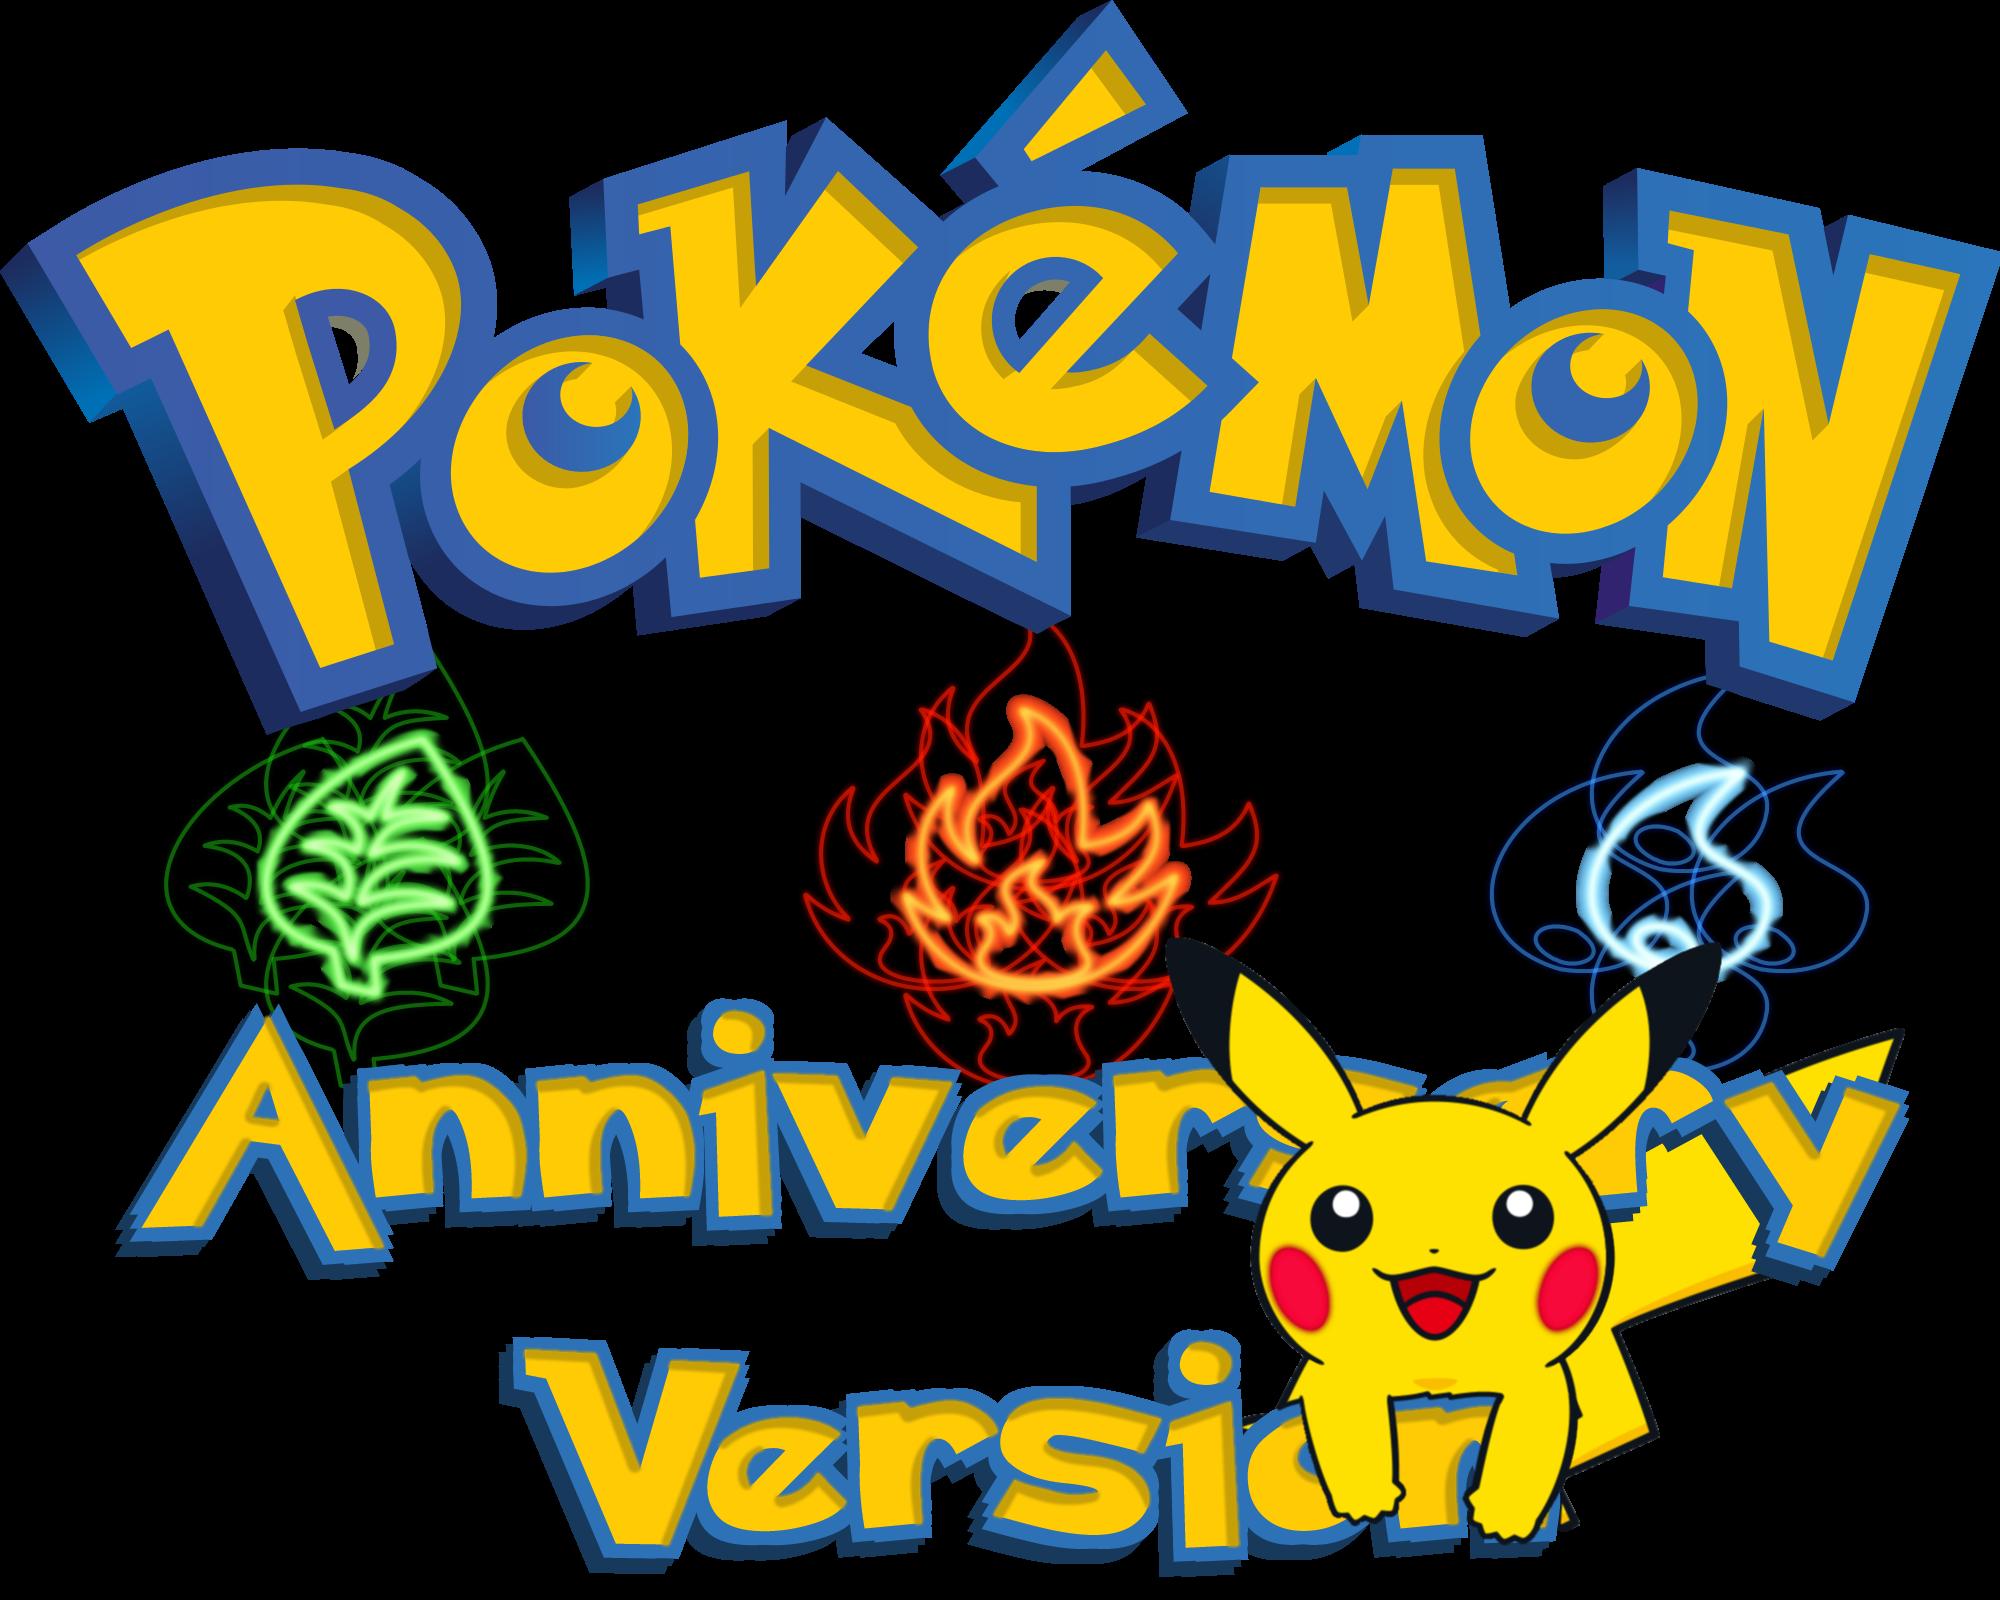 Pokeball clipart simplistic. Pokemon anniversary version fantendo